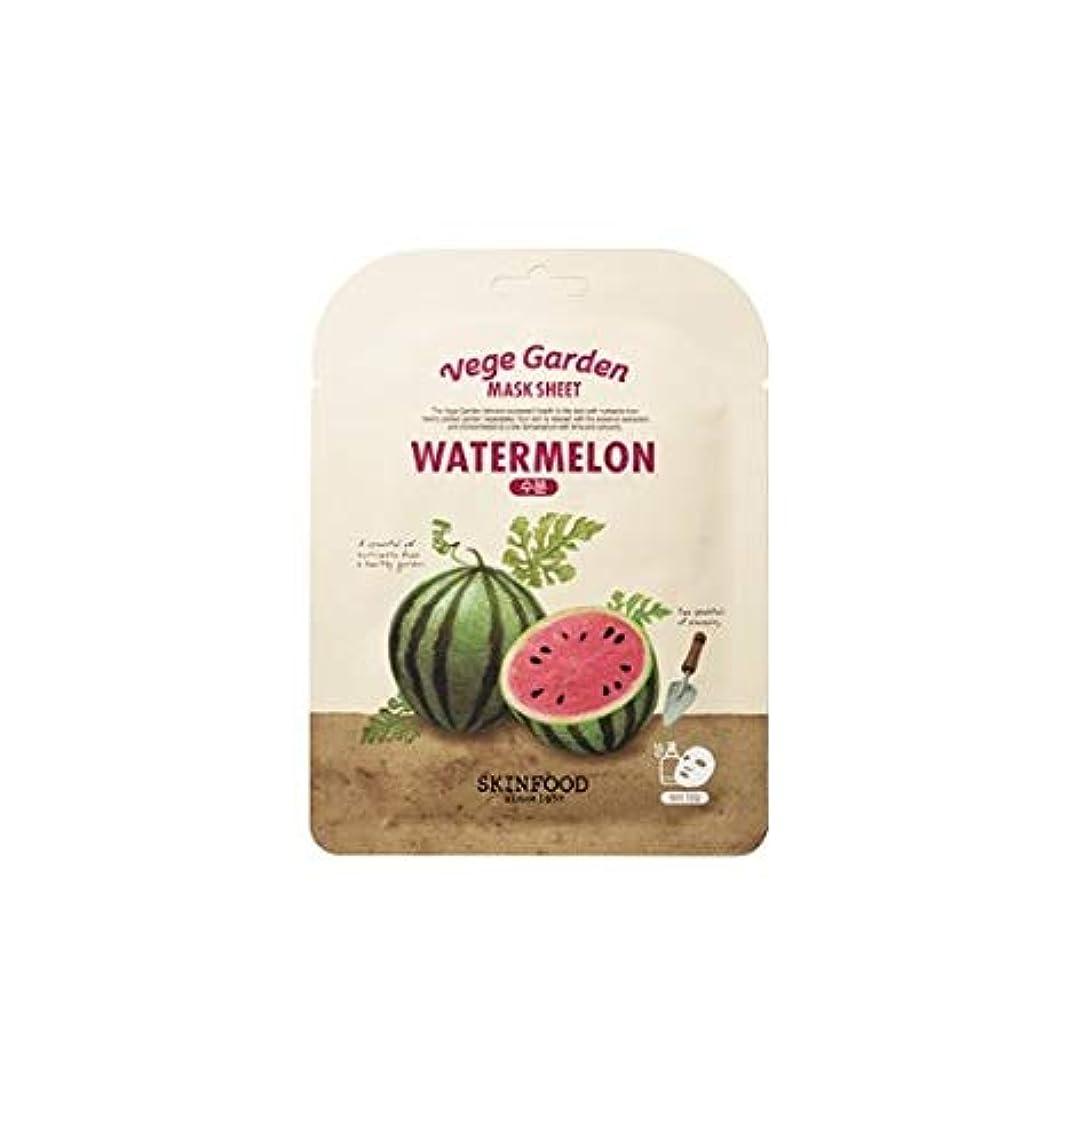 スリップシューズきらきらレスリングSkinfood ベジガーデンマスクシート#スイカ* 10ea / Vege Garden Mask Sheet # watermelon *10ea 20ml*10 [並行輸入品]